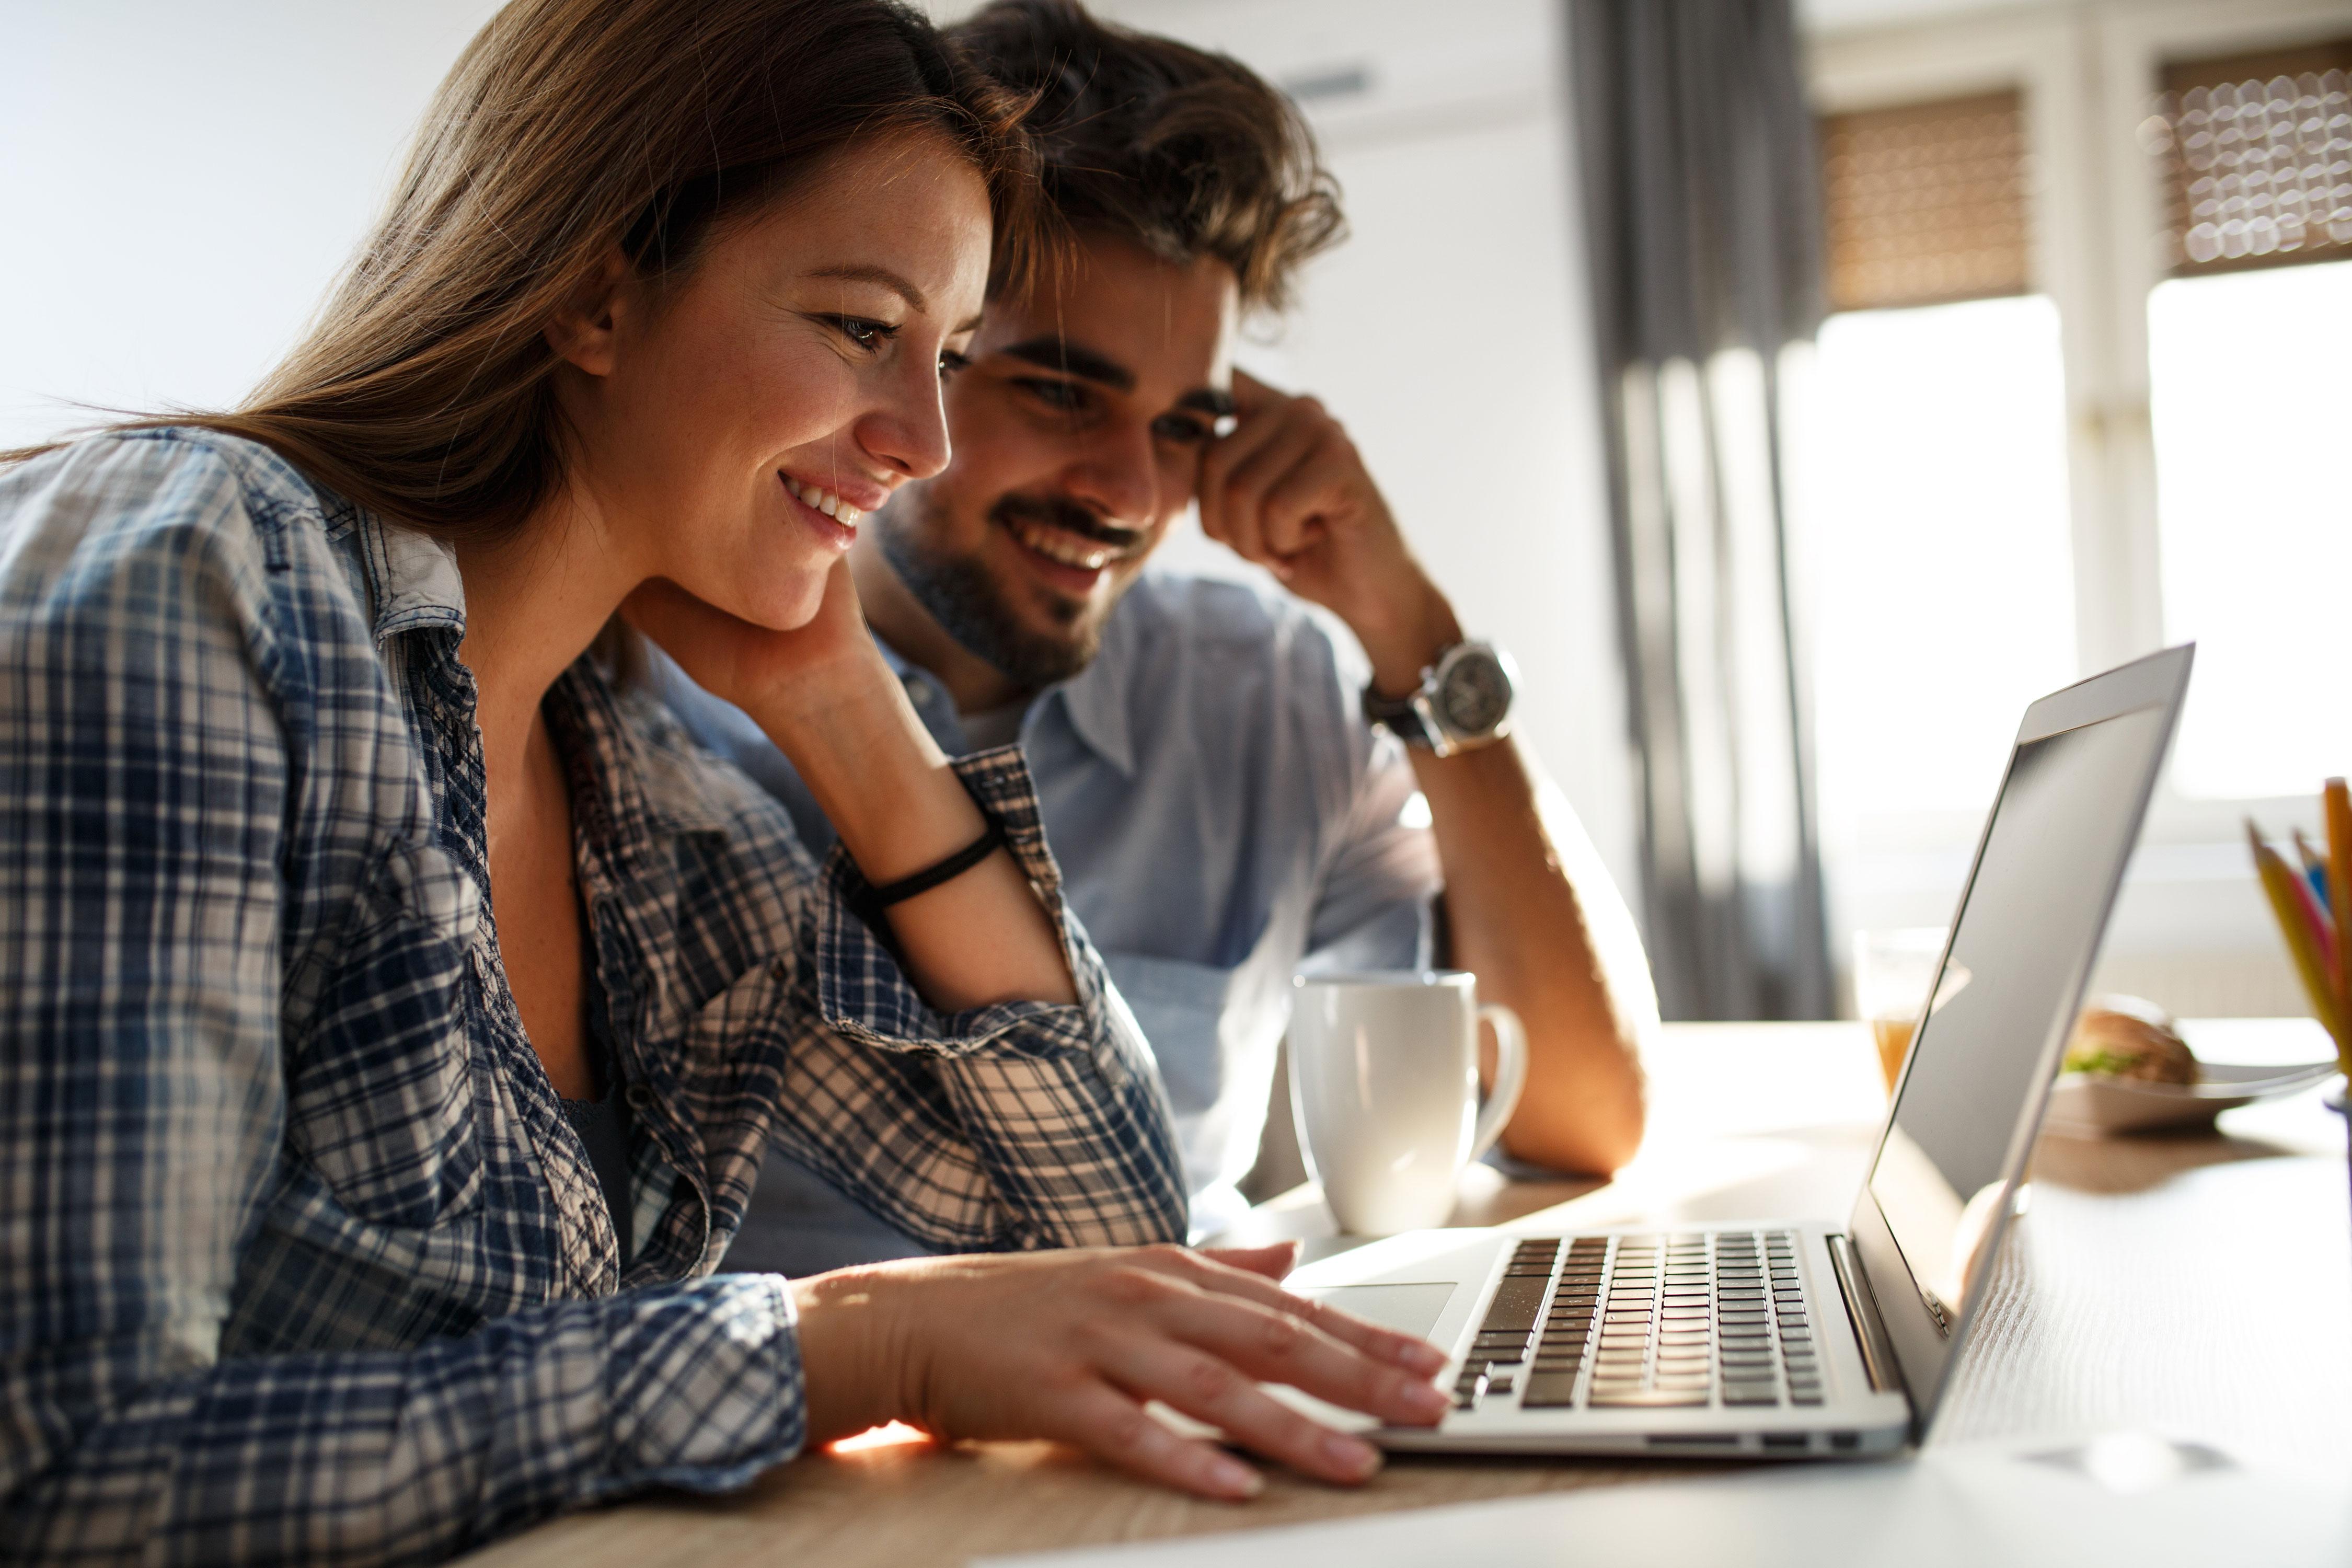 Junges lächelndes Paar morgens am Küchentisch vor dem Laptop